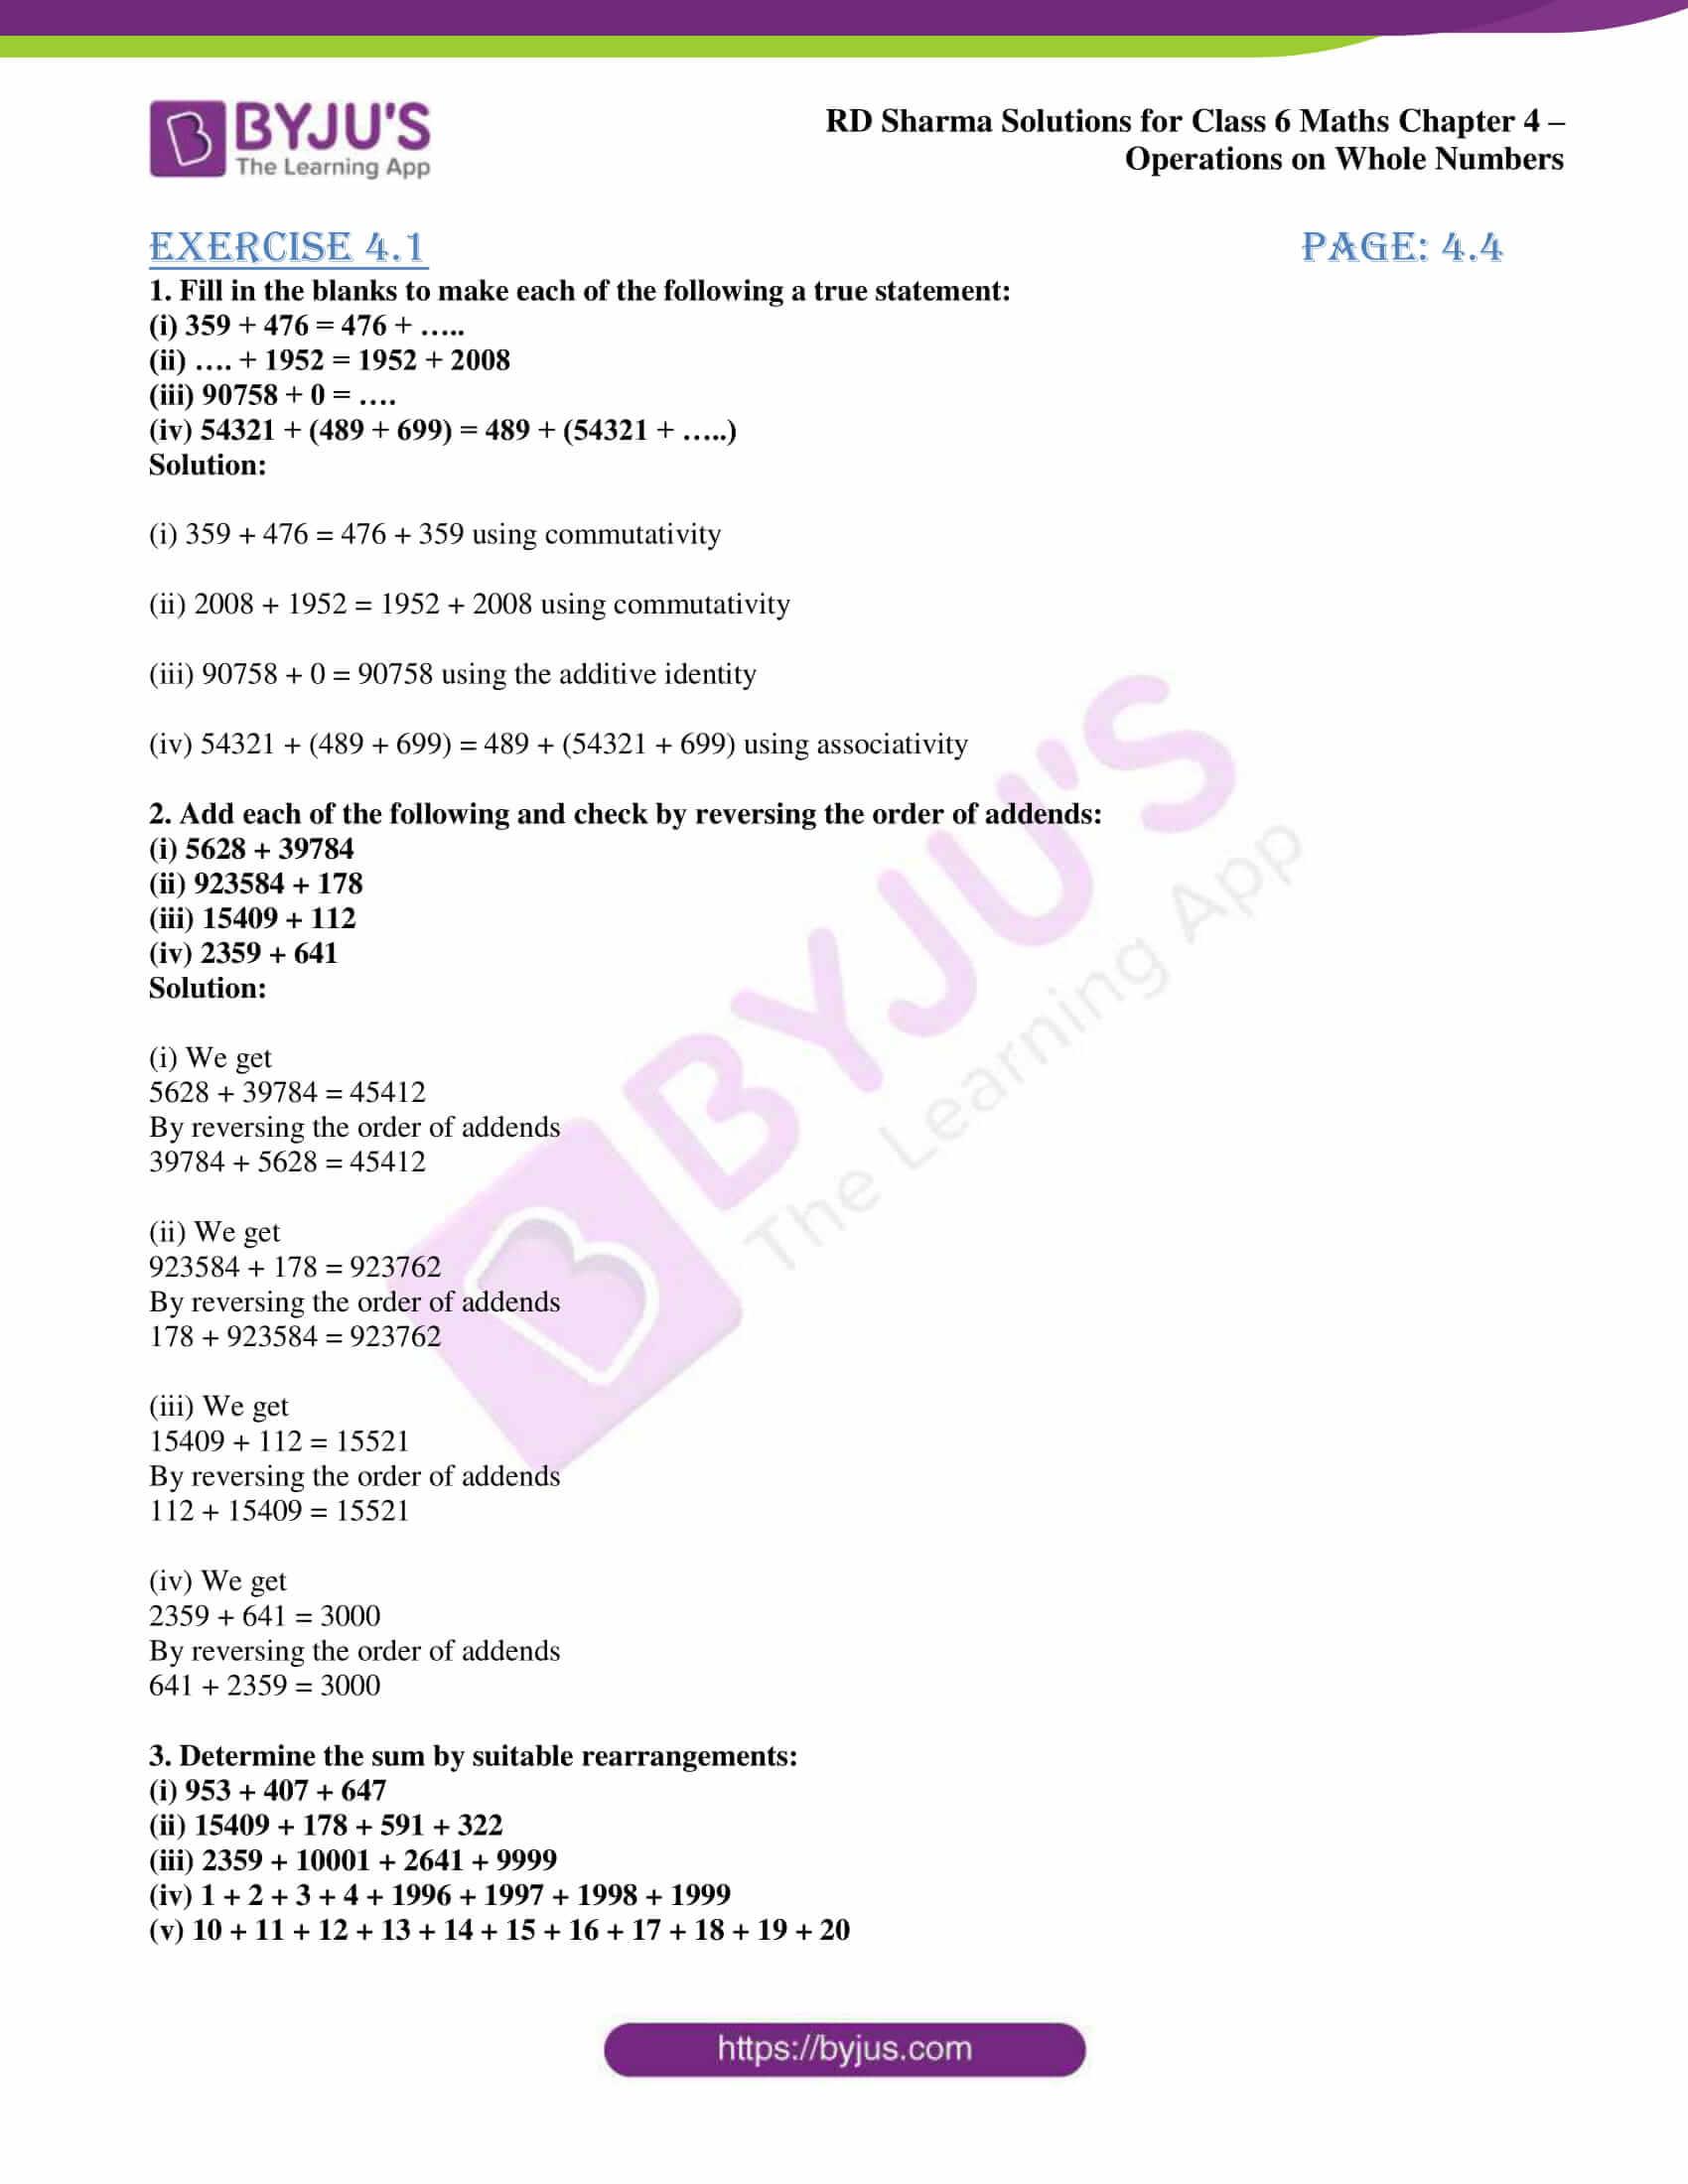 rd sharma class 6 maths solutions chapter 4 ex 1 1